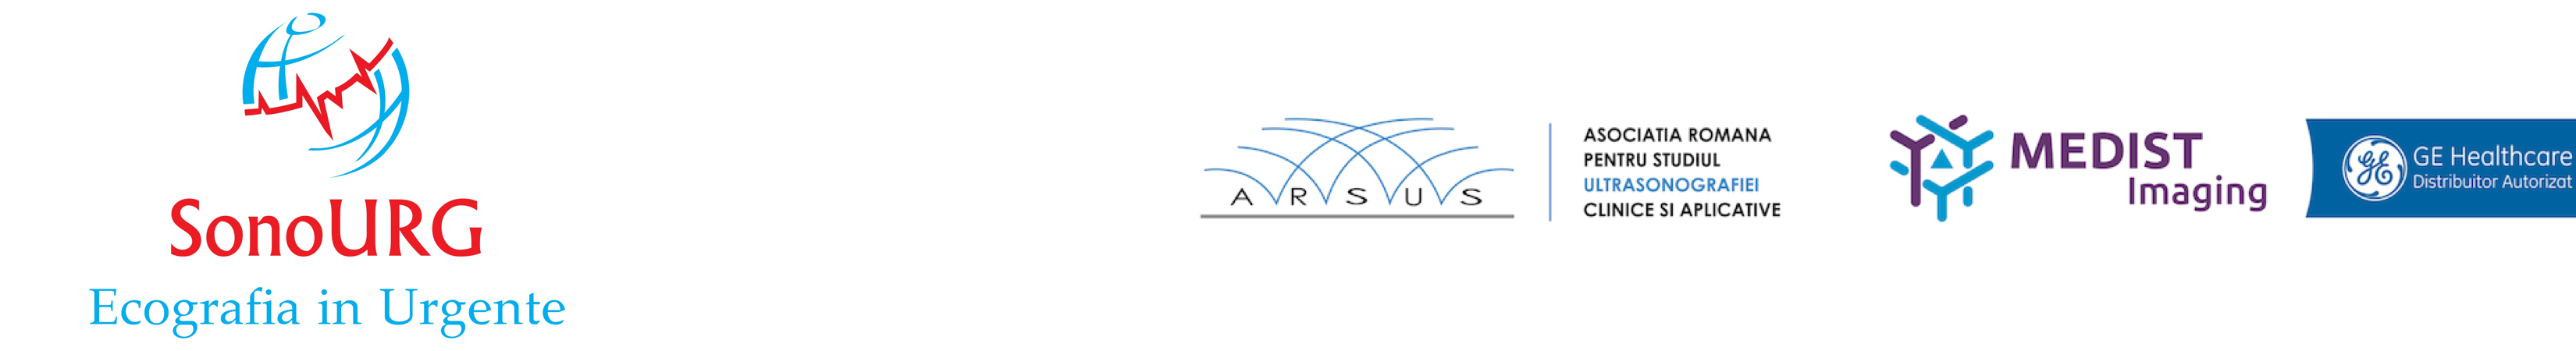 ARSUS – SonoURG